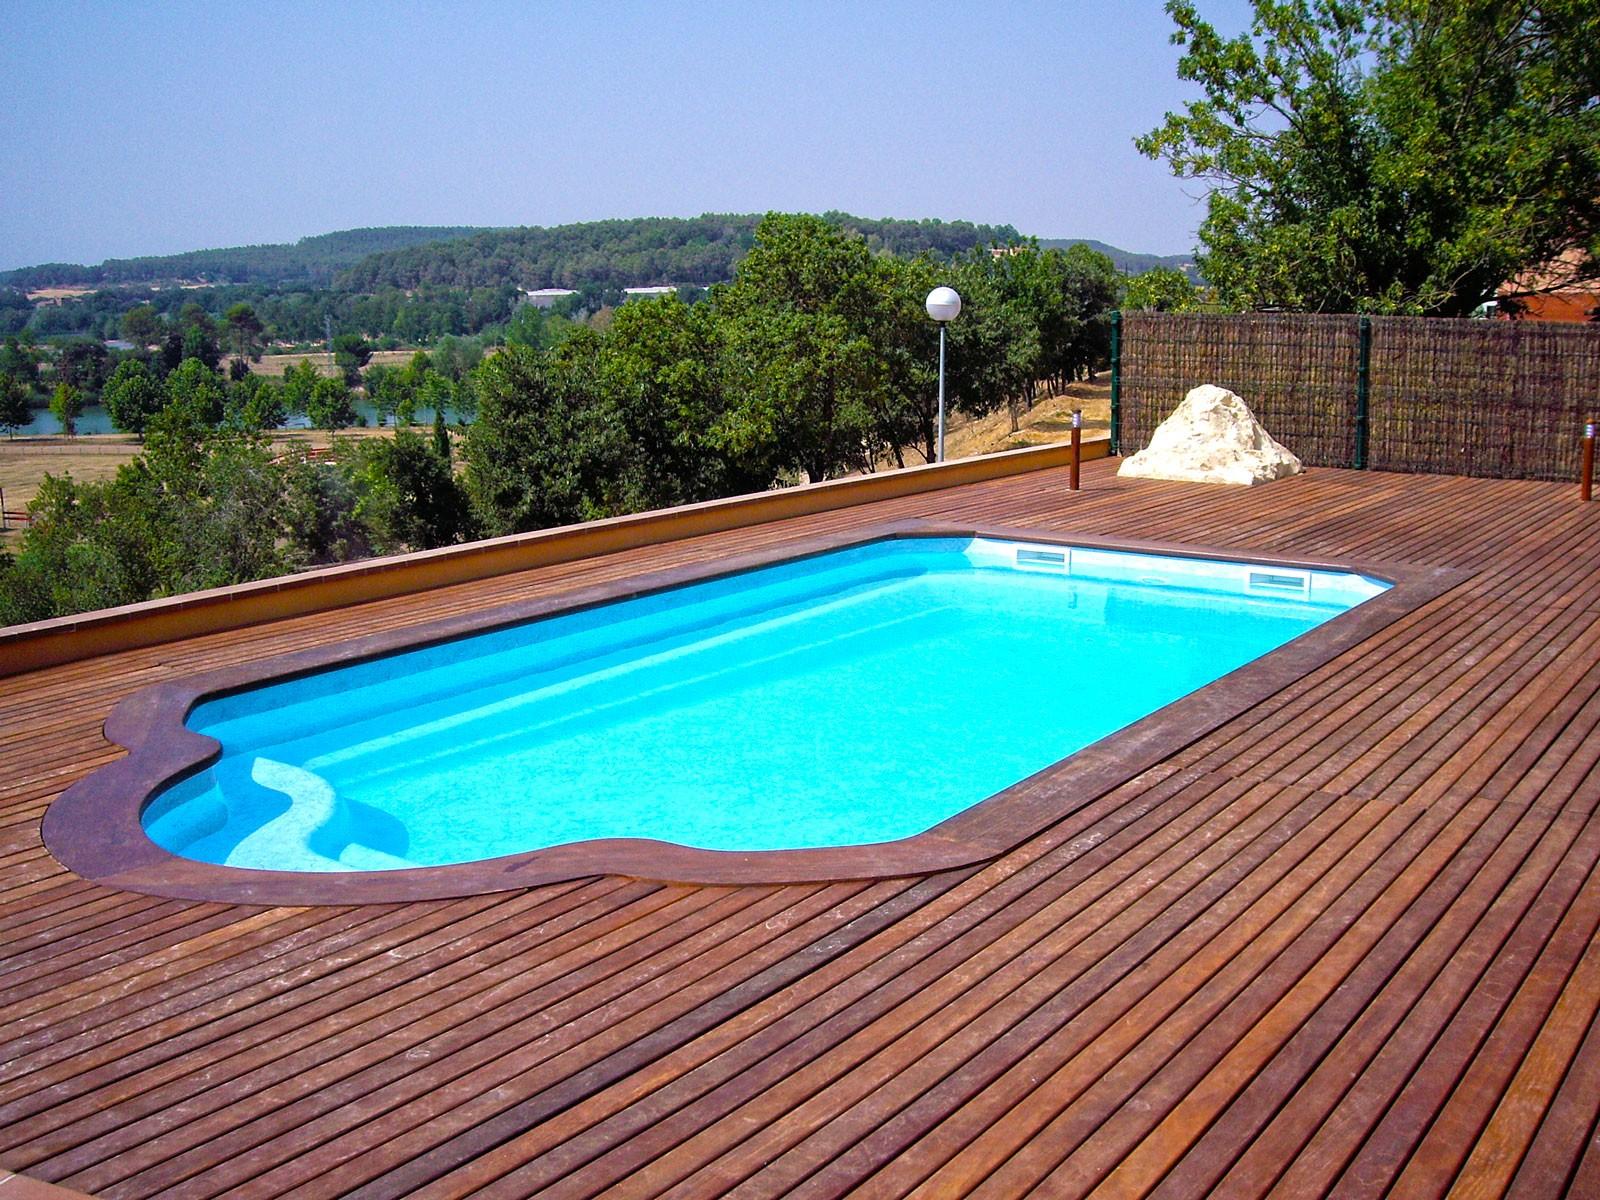 Modelo de piscinas fabulous modelo de piscina de fibra de for Modelos de piscinas campestres